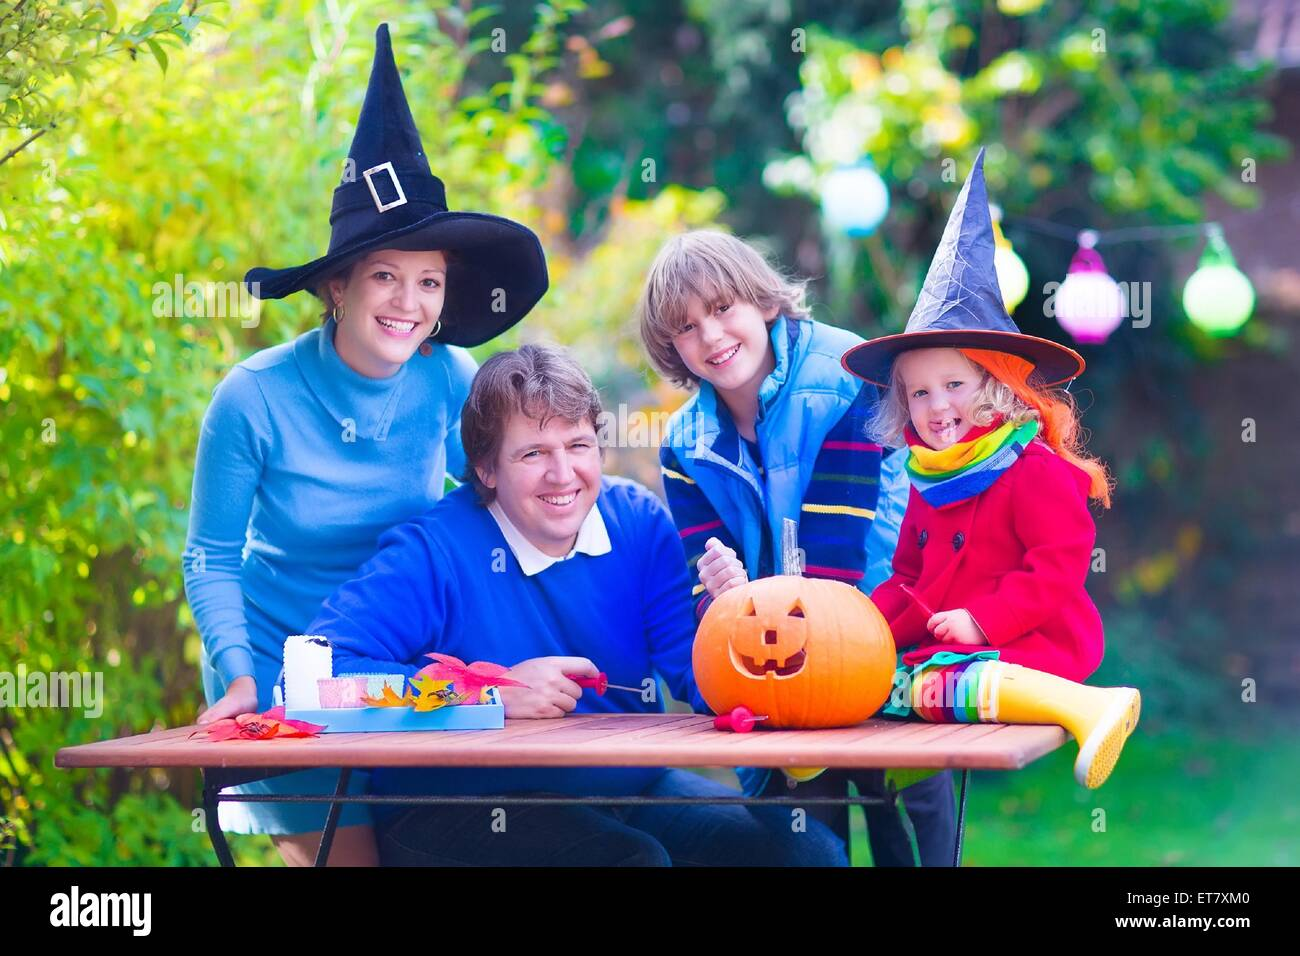 Une famille heureuse, des parents avec deux enfants portant costume et hat célébrer Halloween et citrouilles Photo Stock